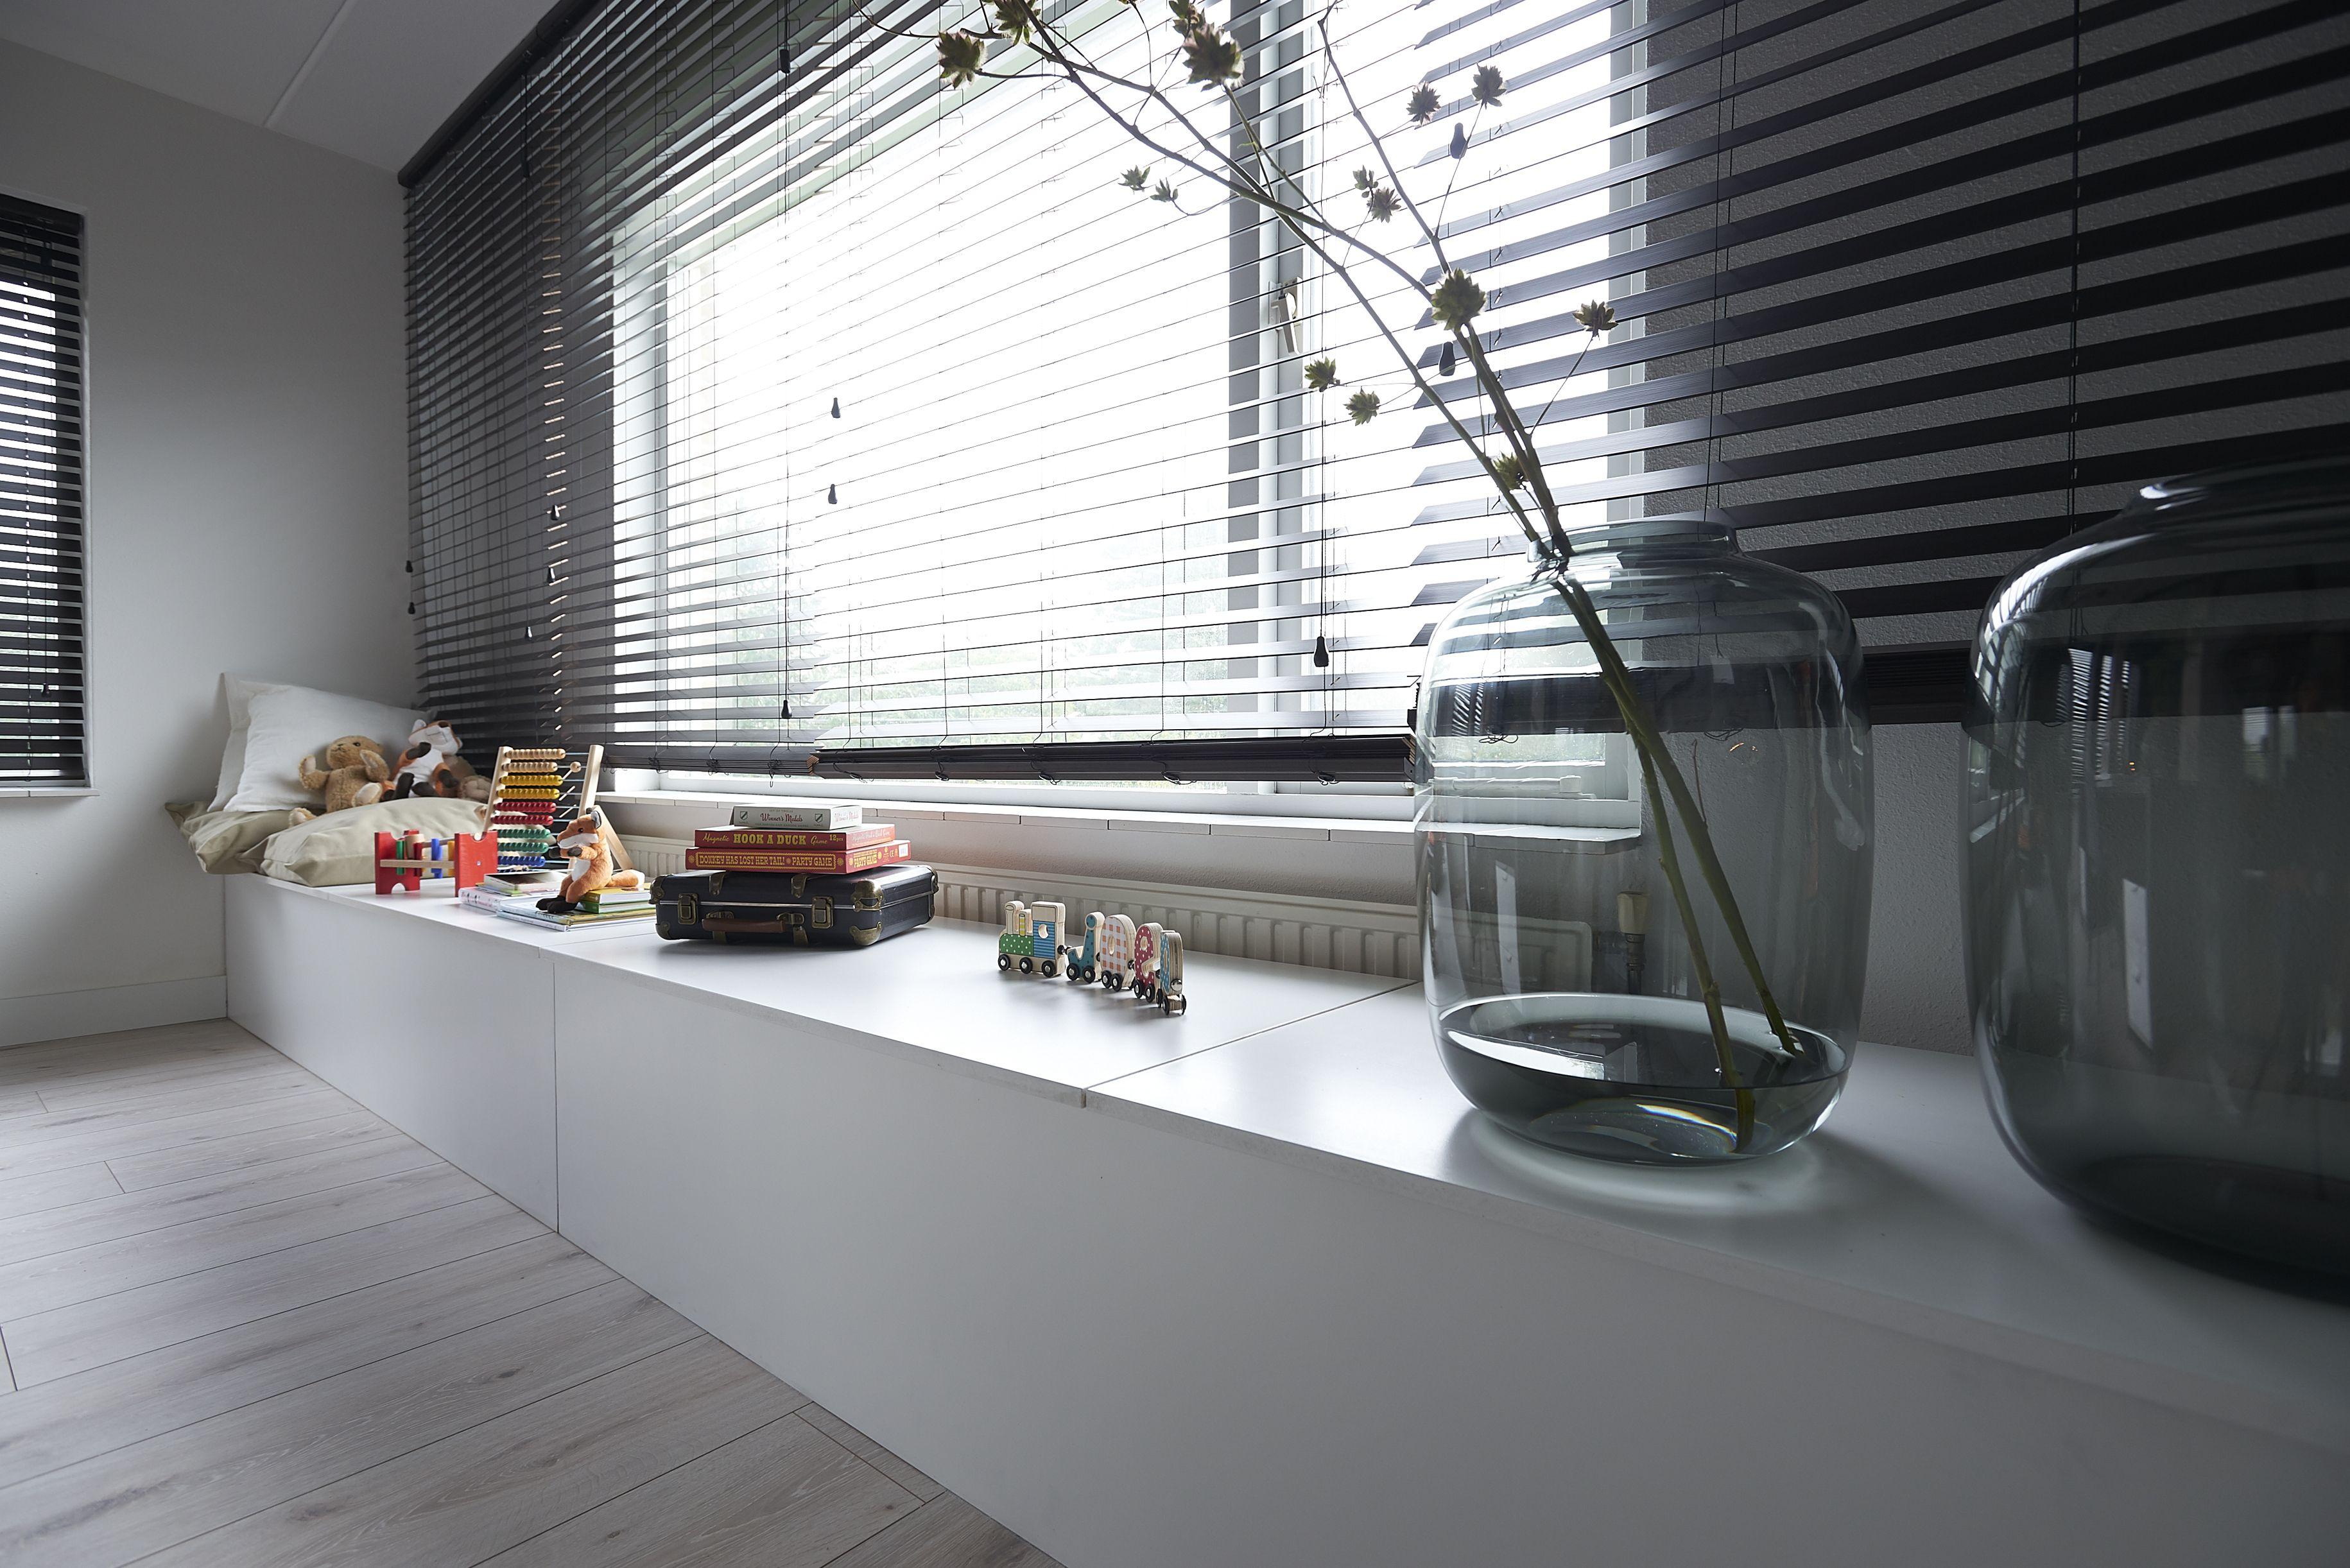 Binnenkijken in een zelf ontworpen woning in assen keuken